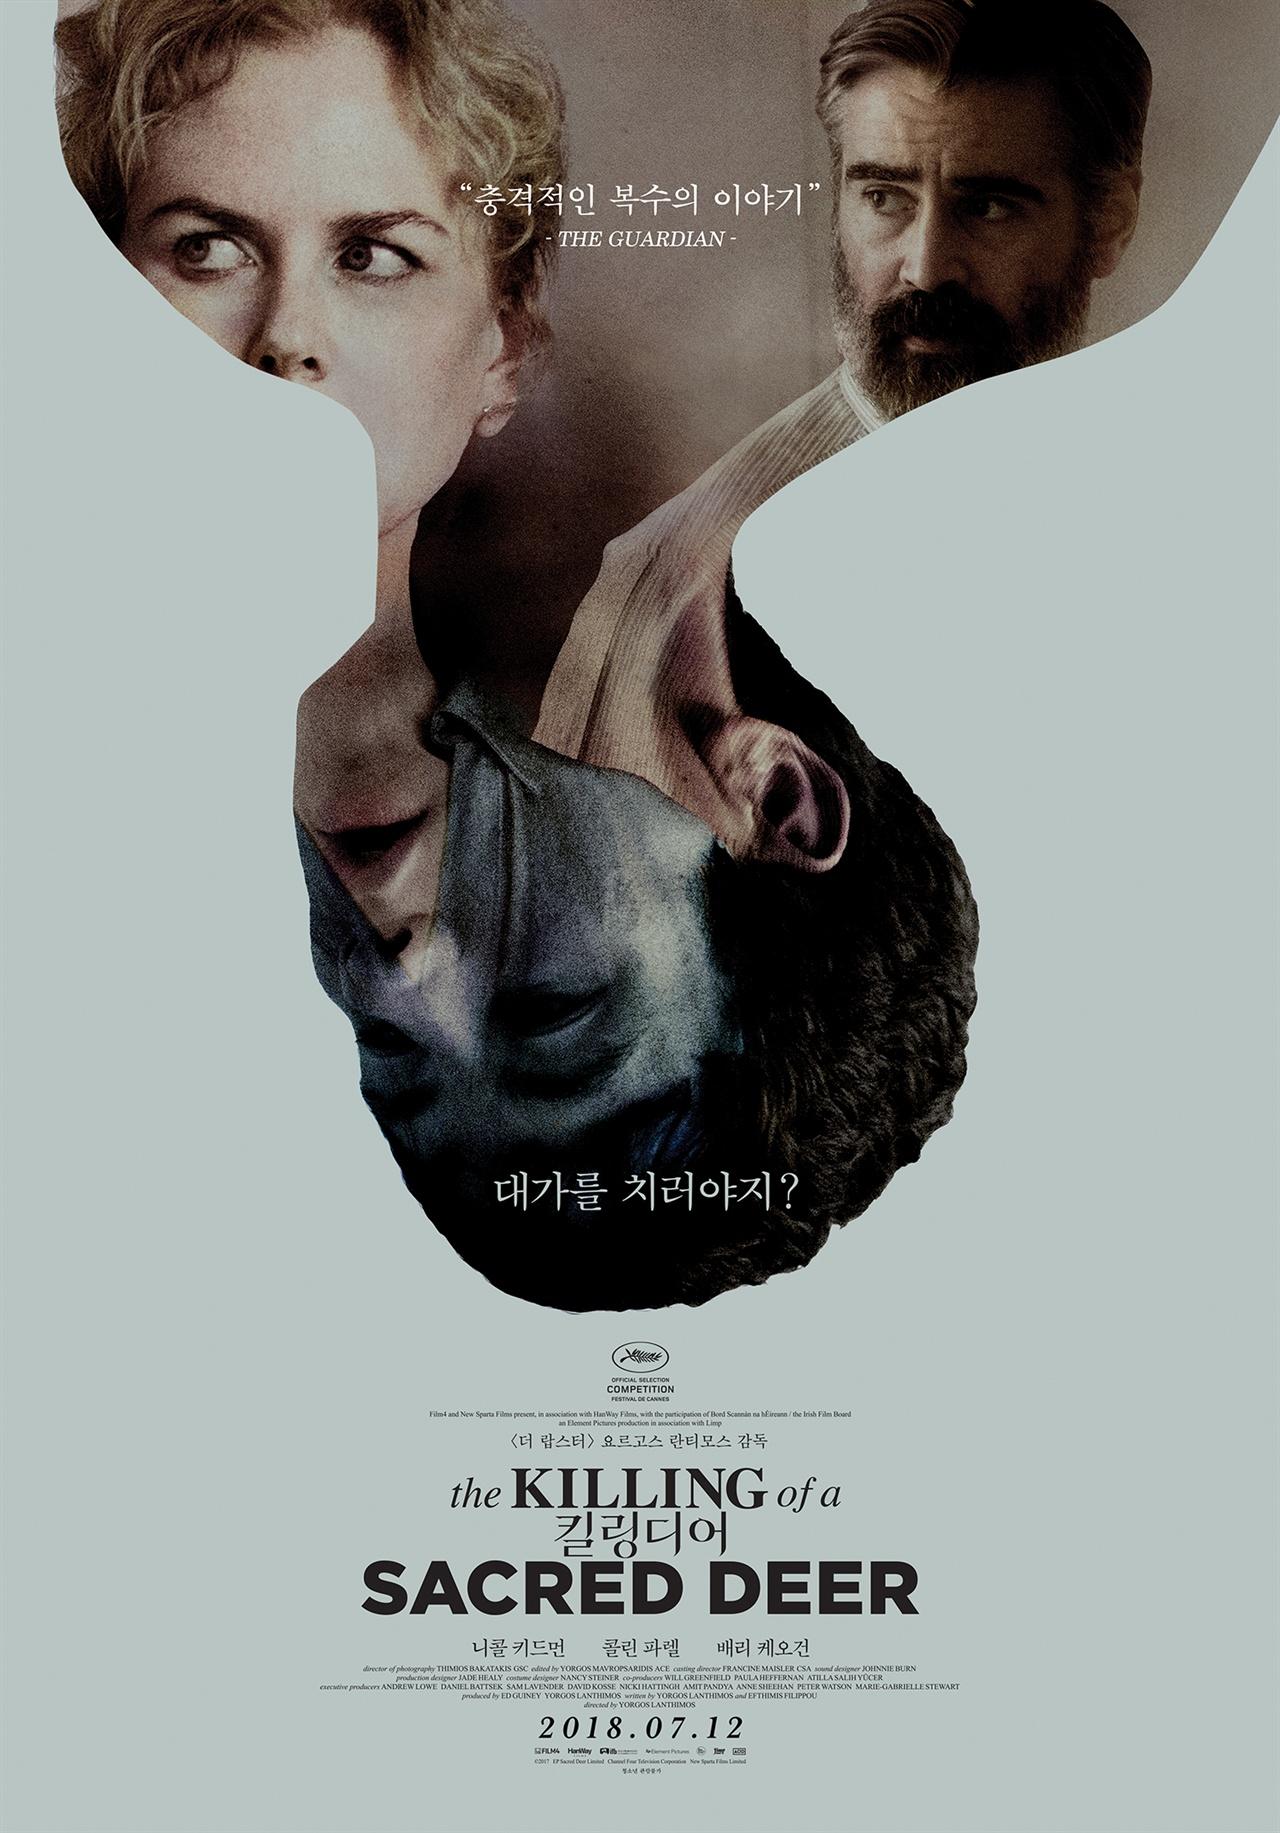 <킬링 디어> 메인 포스터 영화 <킬링 디어>